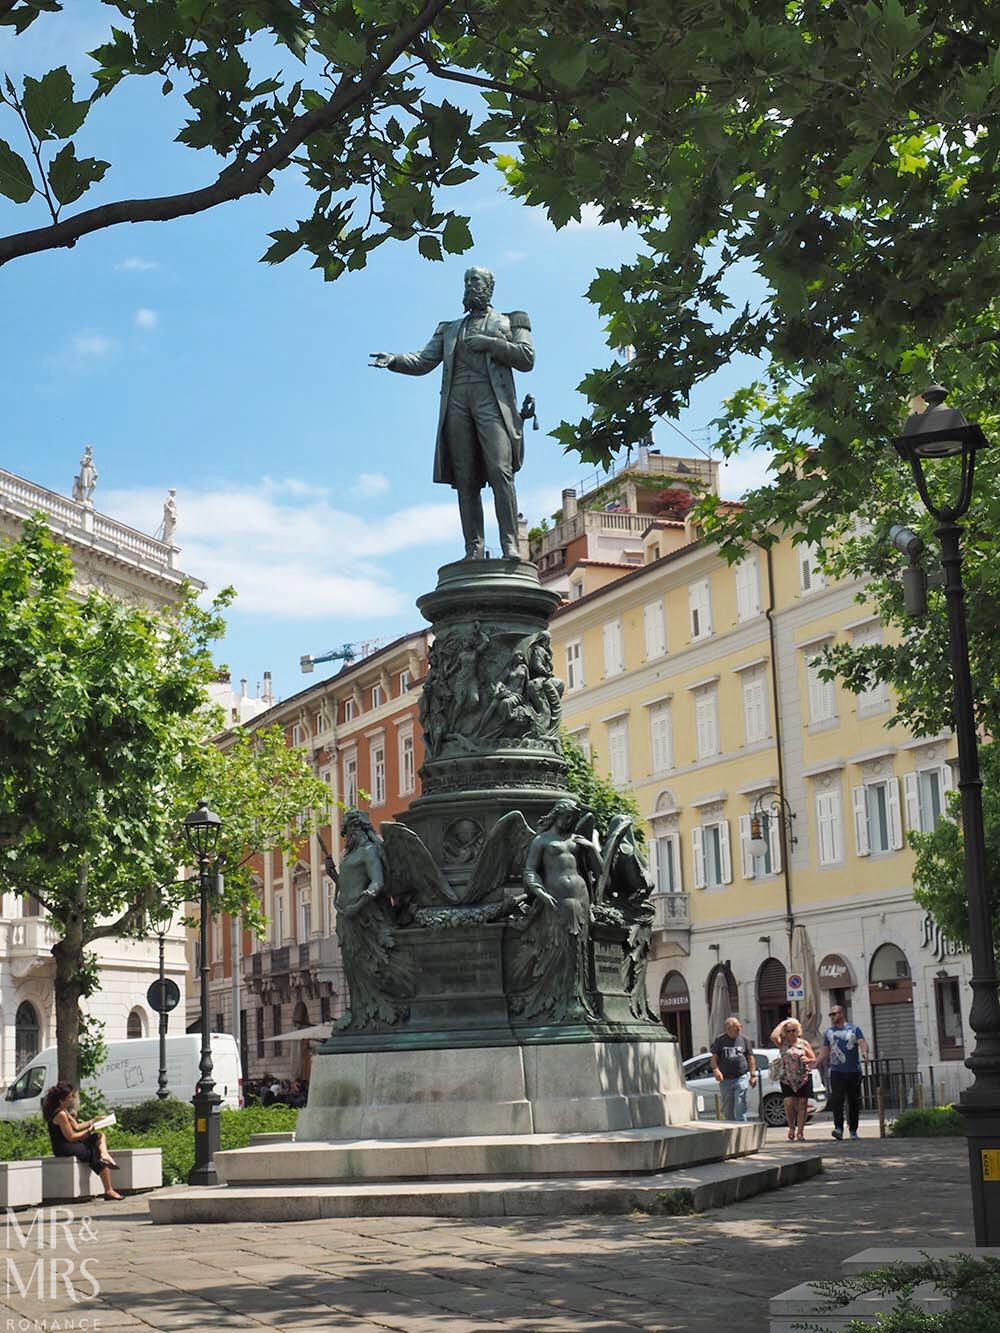 Trieste guide - statue